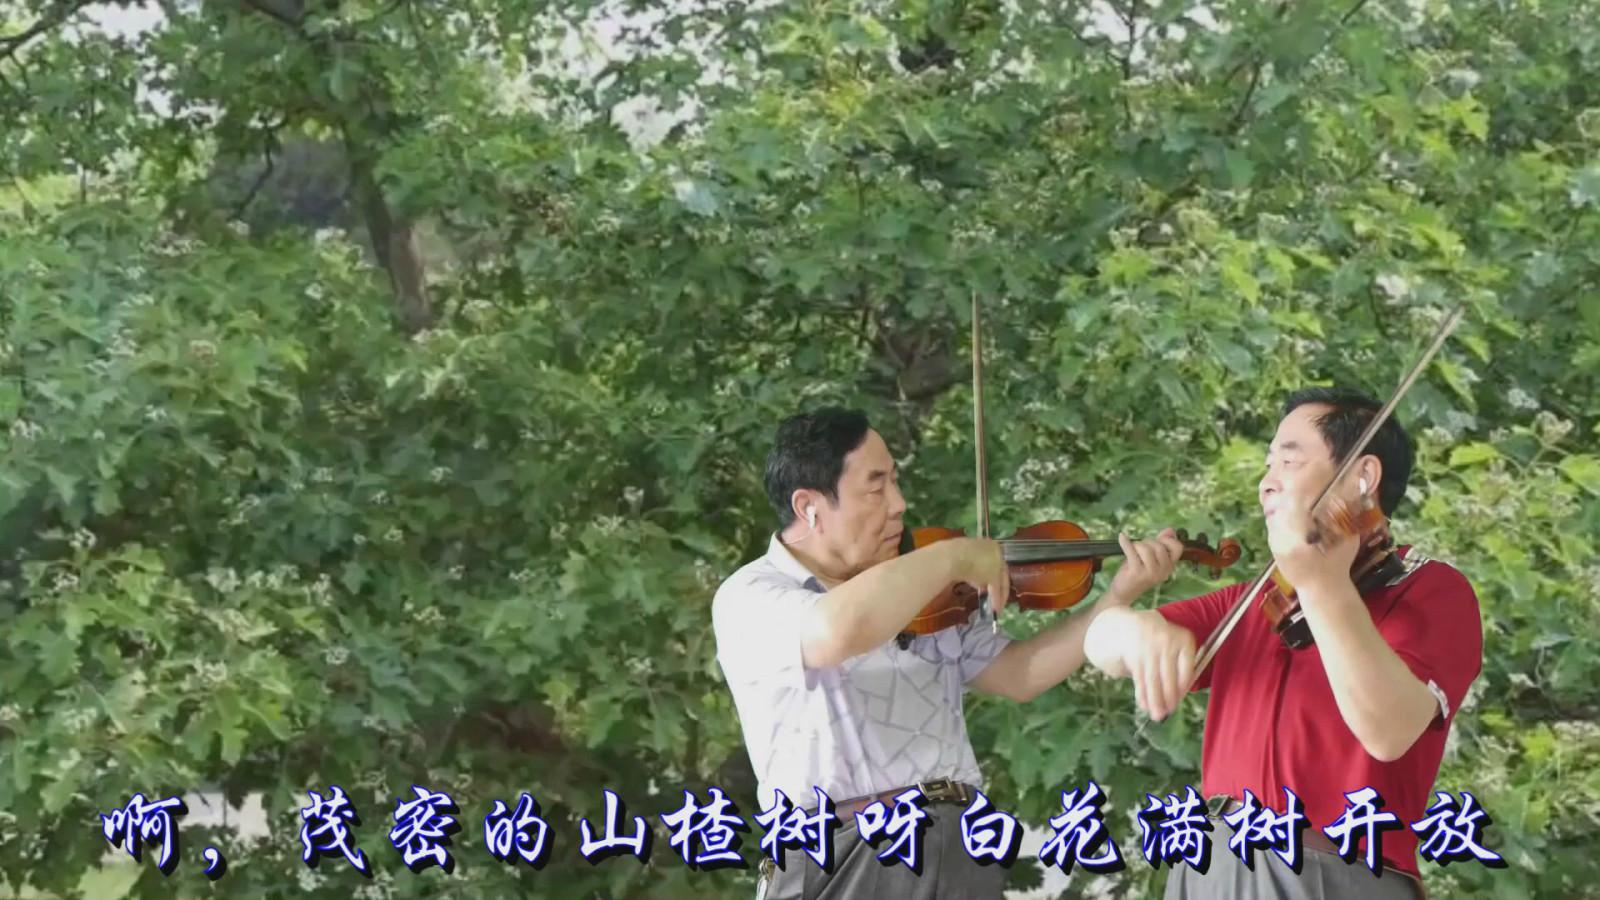 小提琴二重奏--苏联歌曲《山楂树》